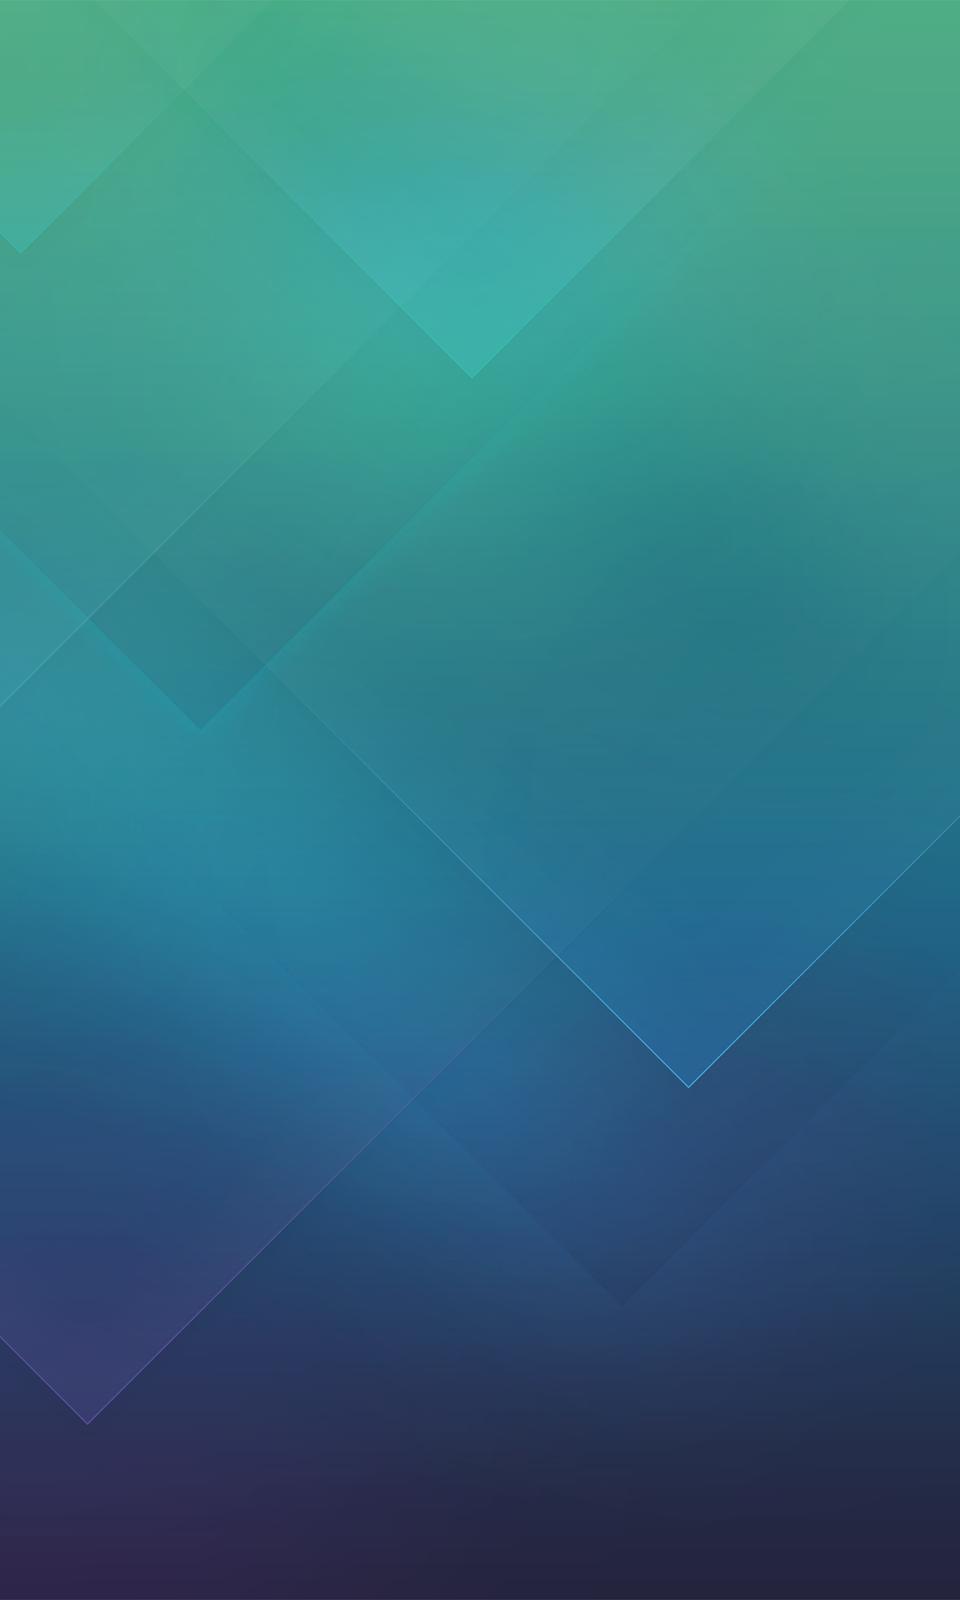 Meizu Mx4 Stock Wallpapers Xiaomi Smartphones Wallpapers